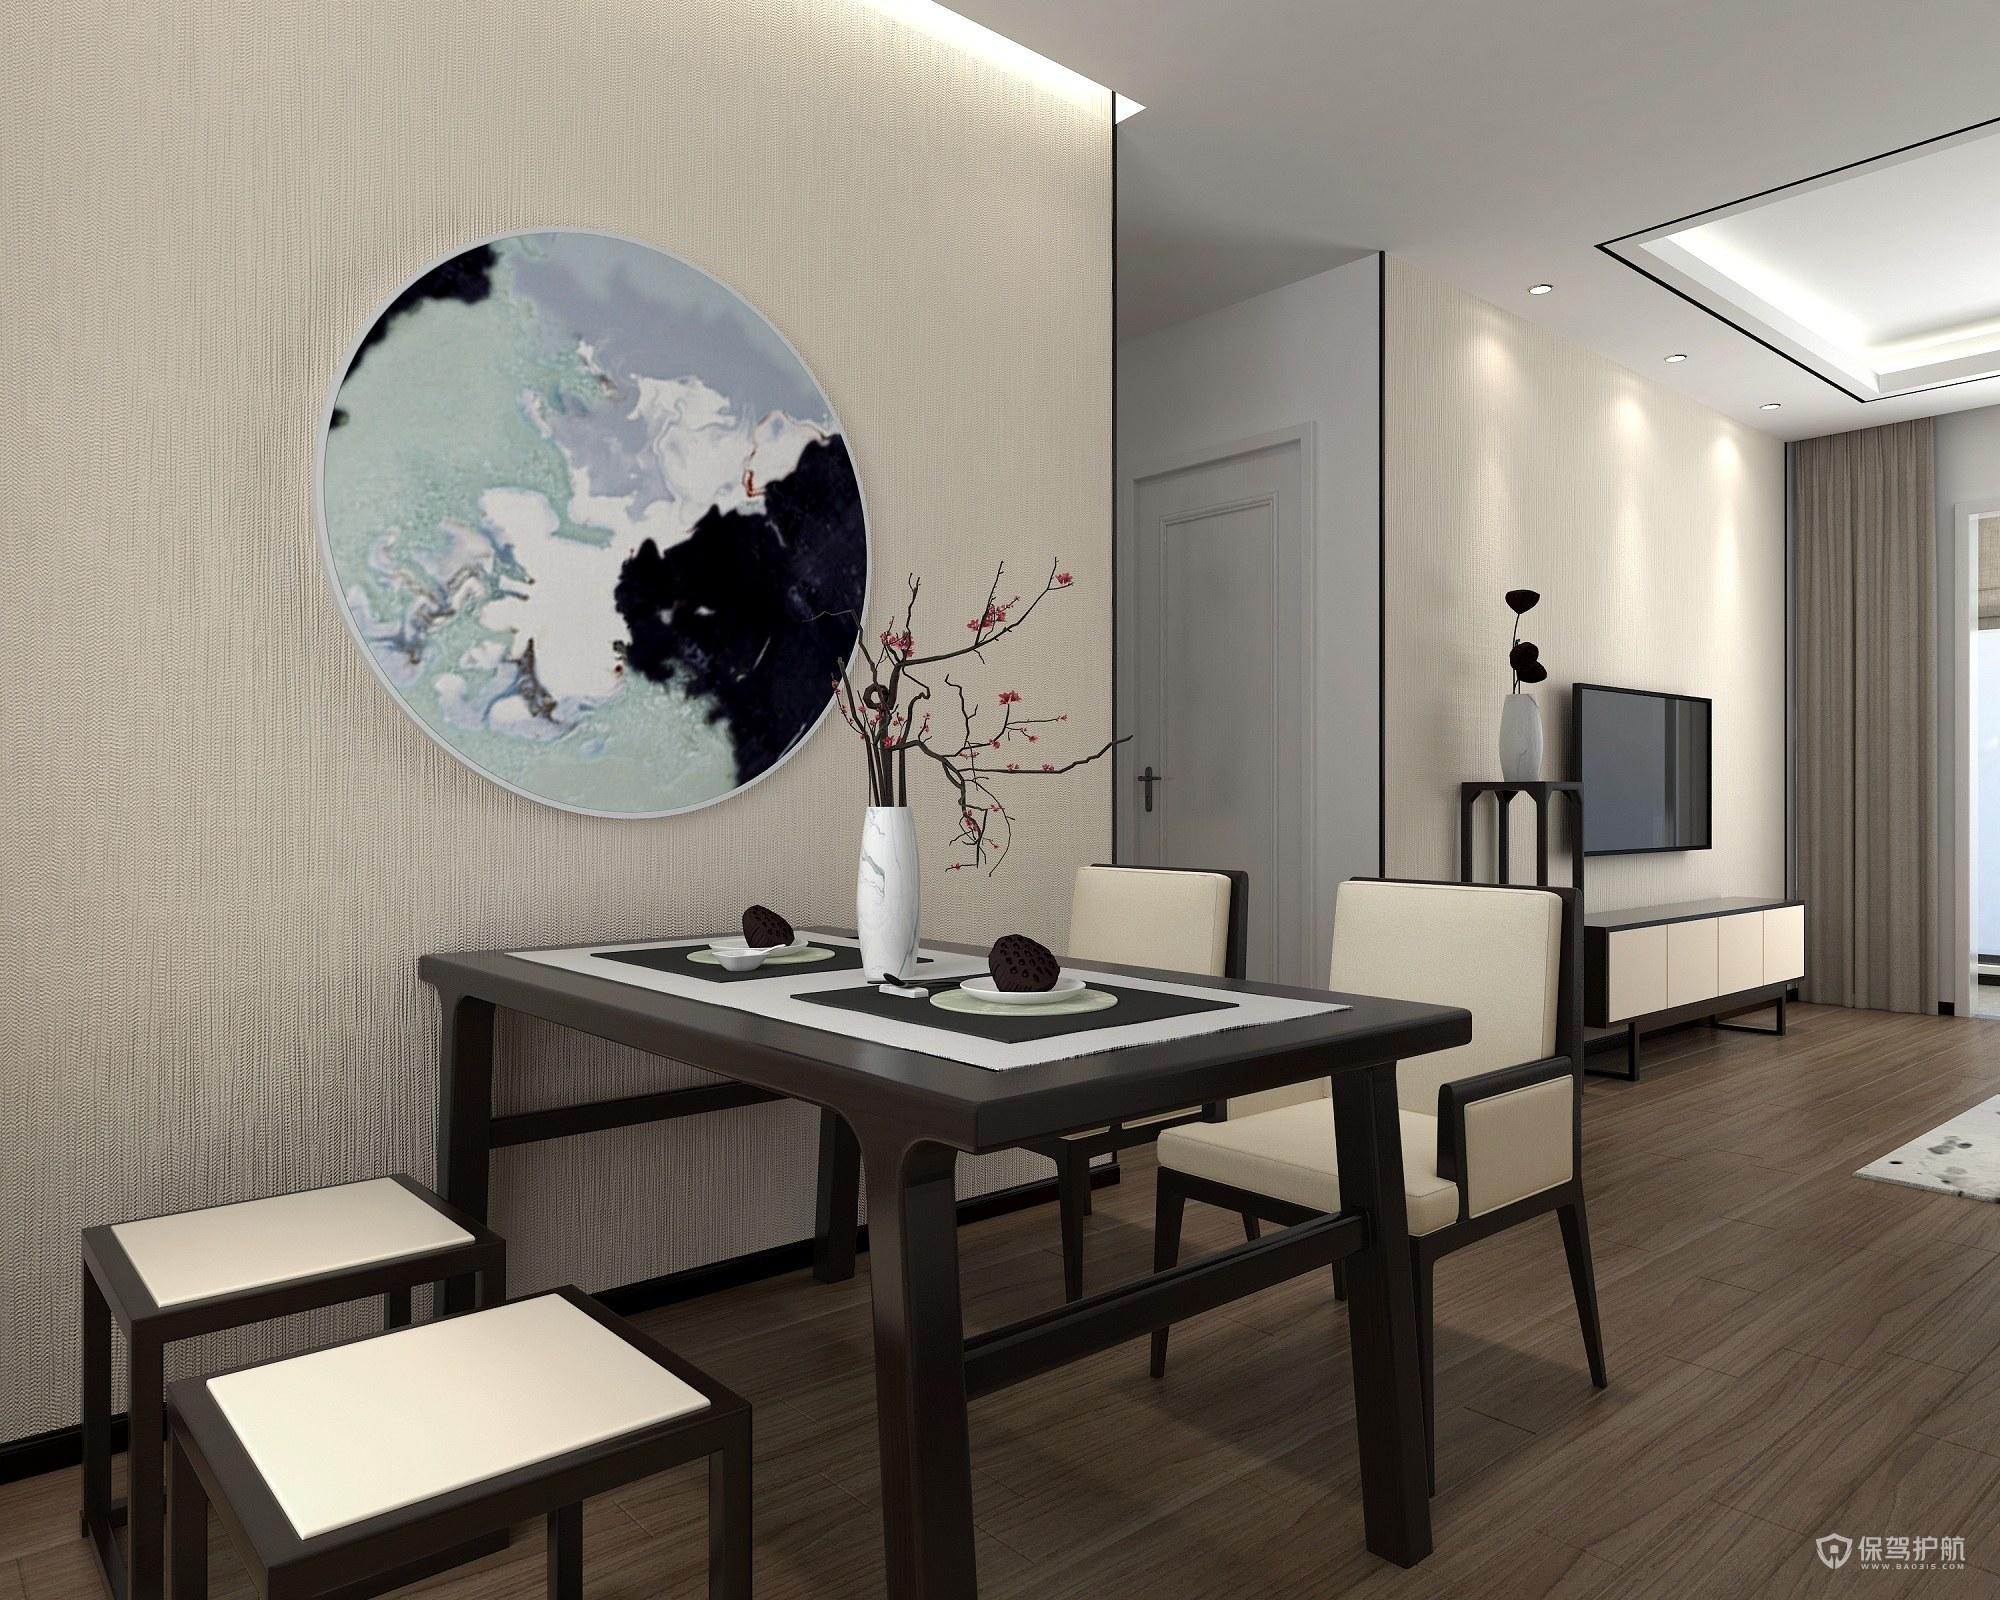 105平新中式三房餐厅亚搏体育平台app效果图